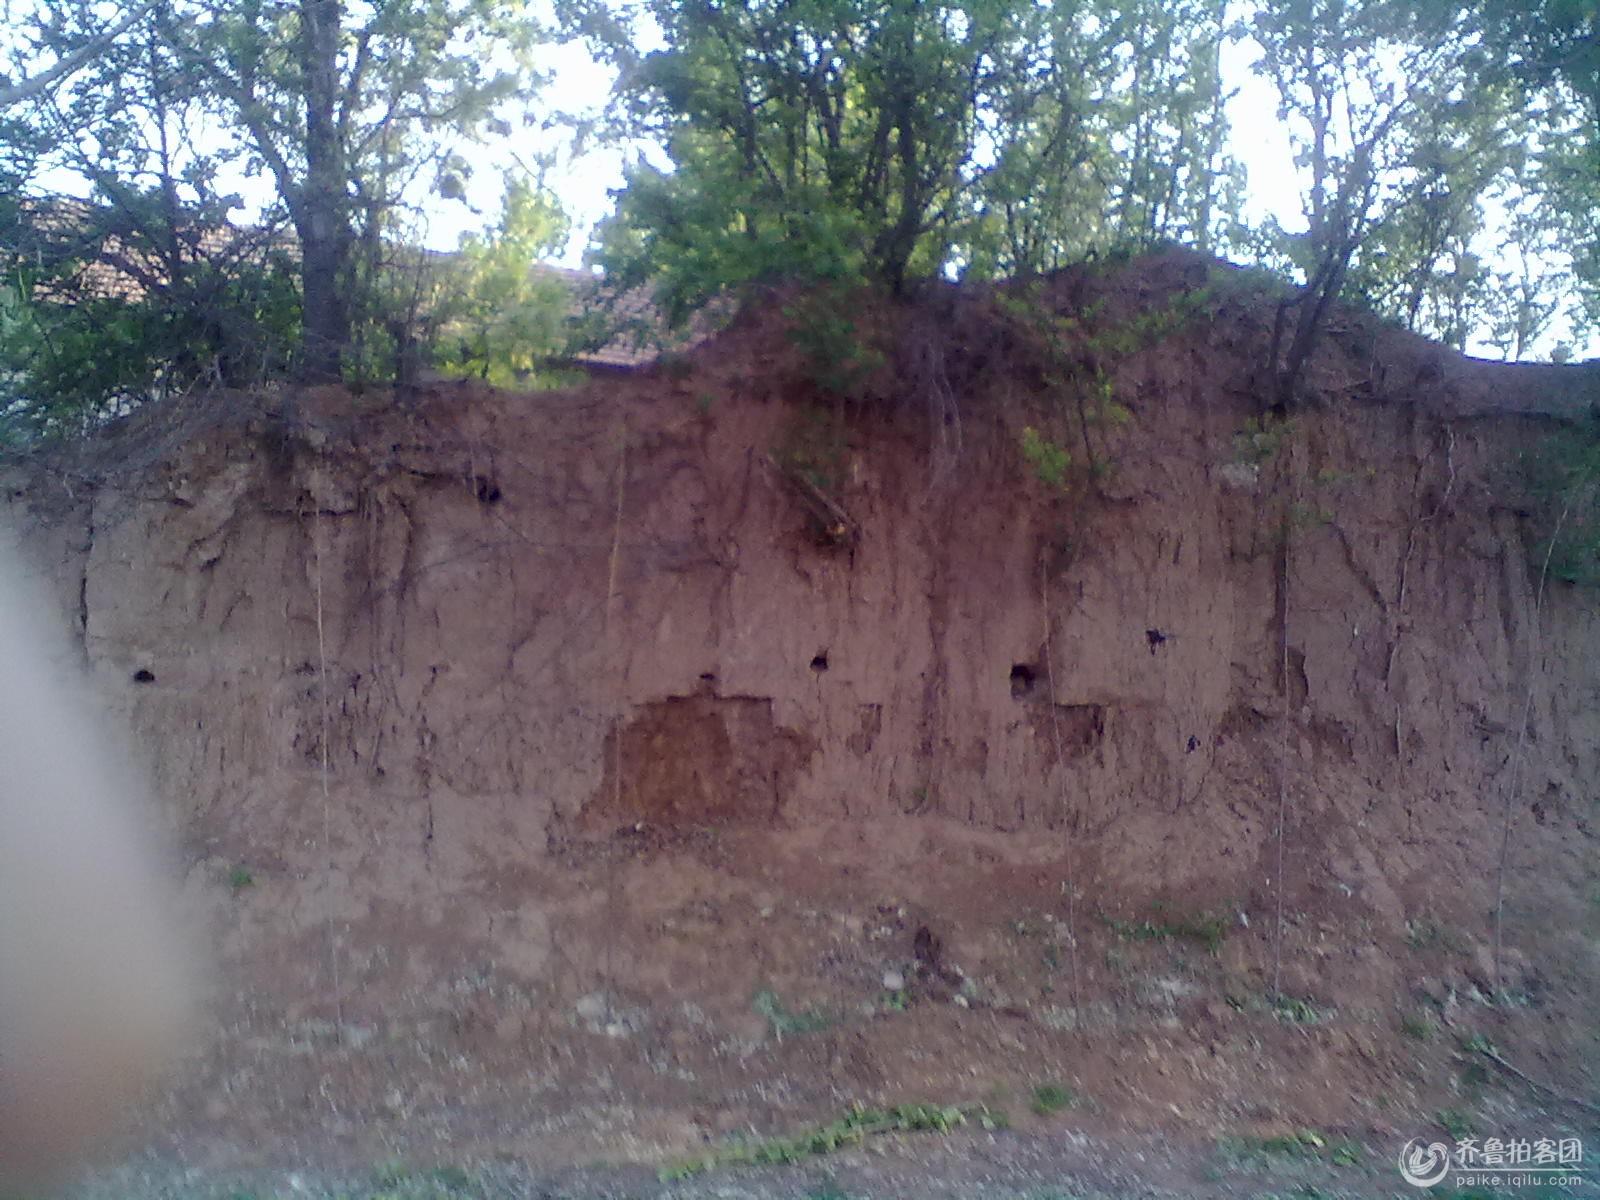 山东省潍坊市峡山区的城墙遗迹